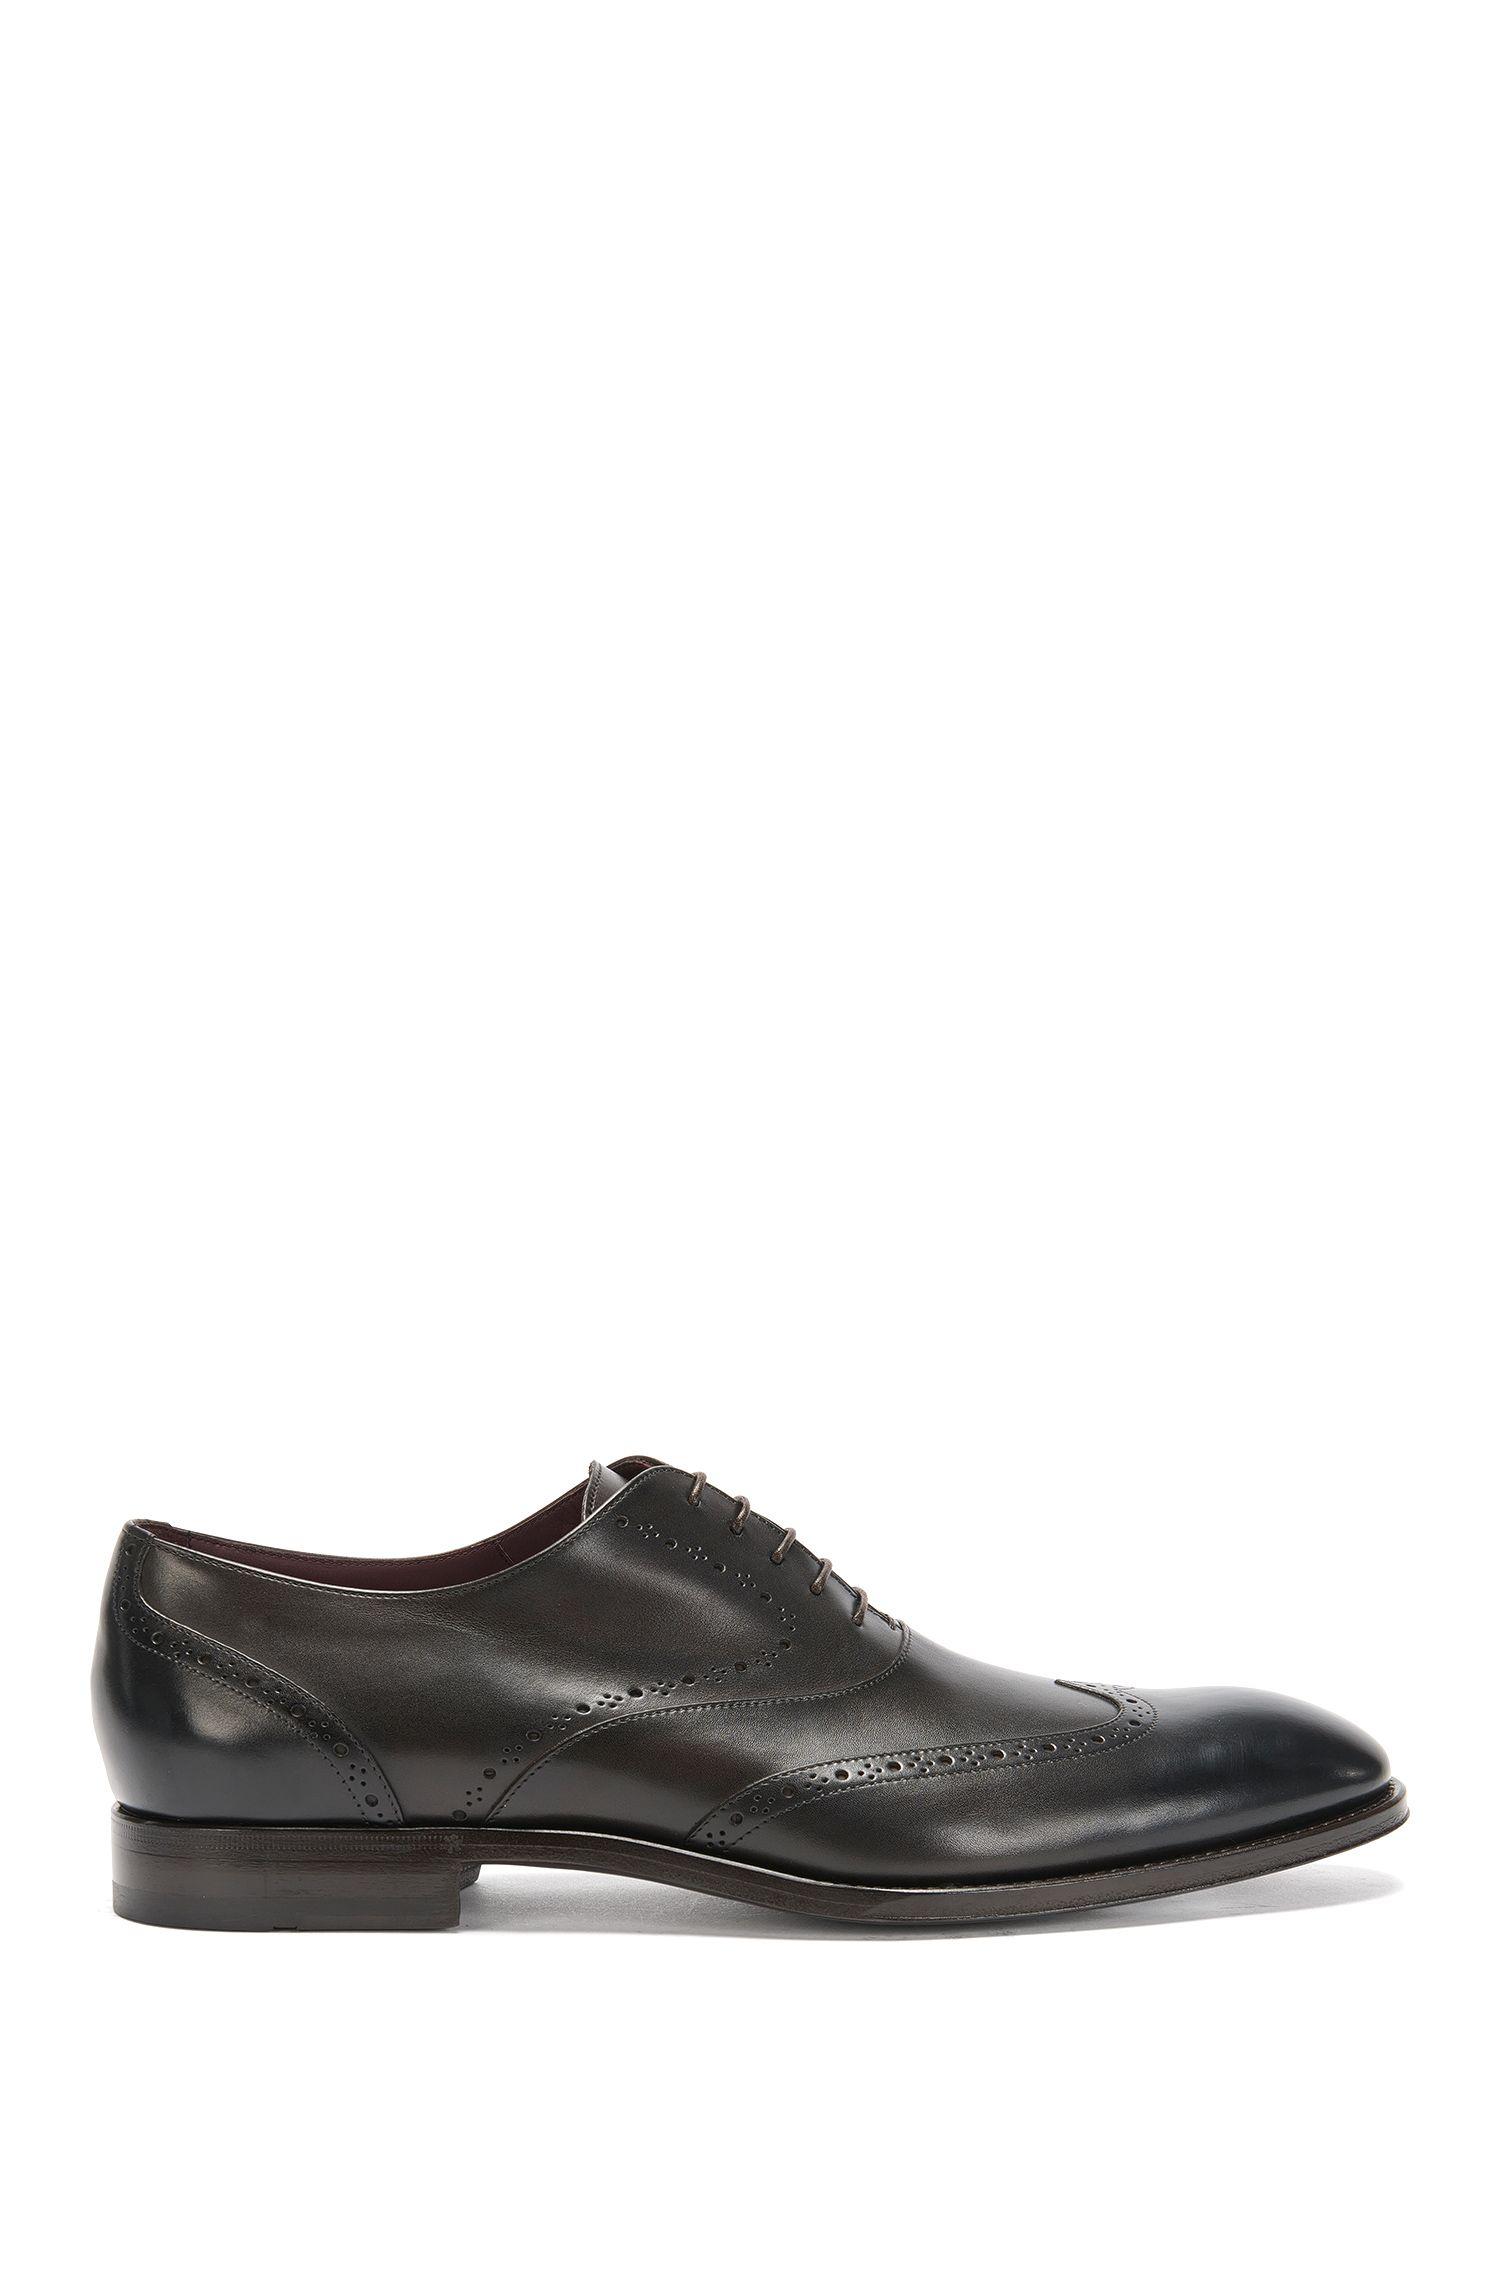 'T-Legend Oxfr Wt' | Italian Calfskin Oxford Brogue Wingtip Dress Shoes